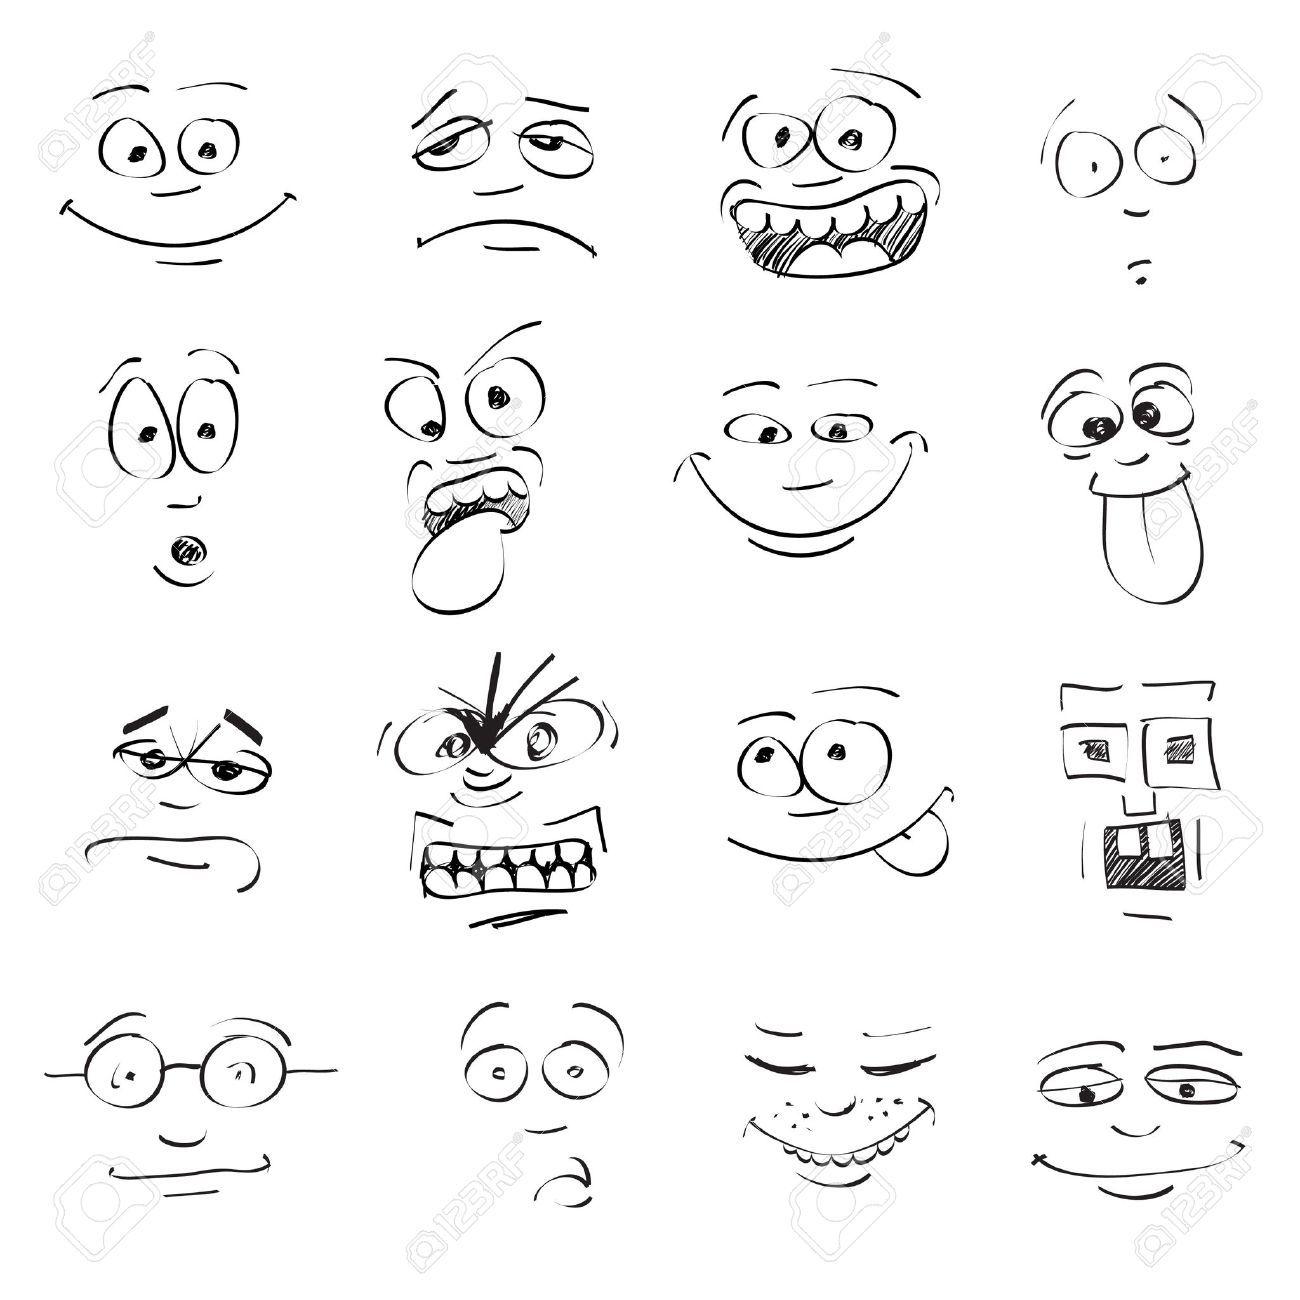 Conjunto De La Emocion En Los Rostros De Dibujos Animados Cartoon Faces Cartoon Faces Expressions Drawings